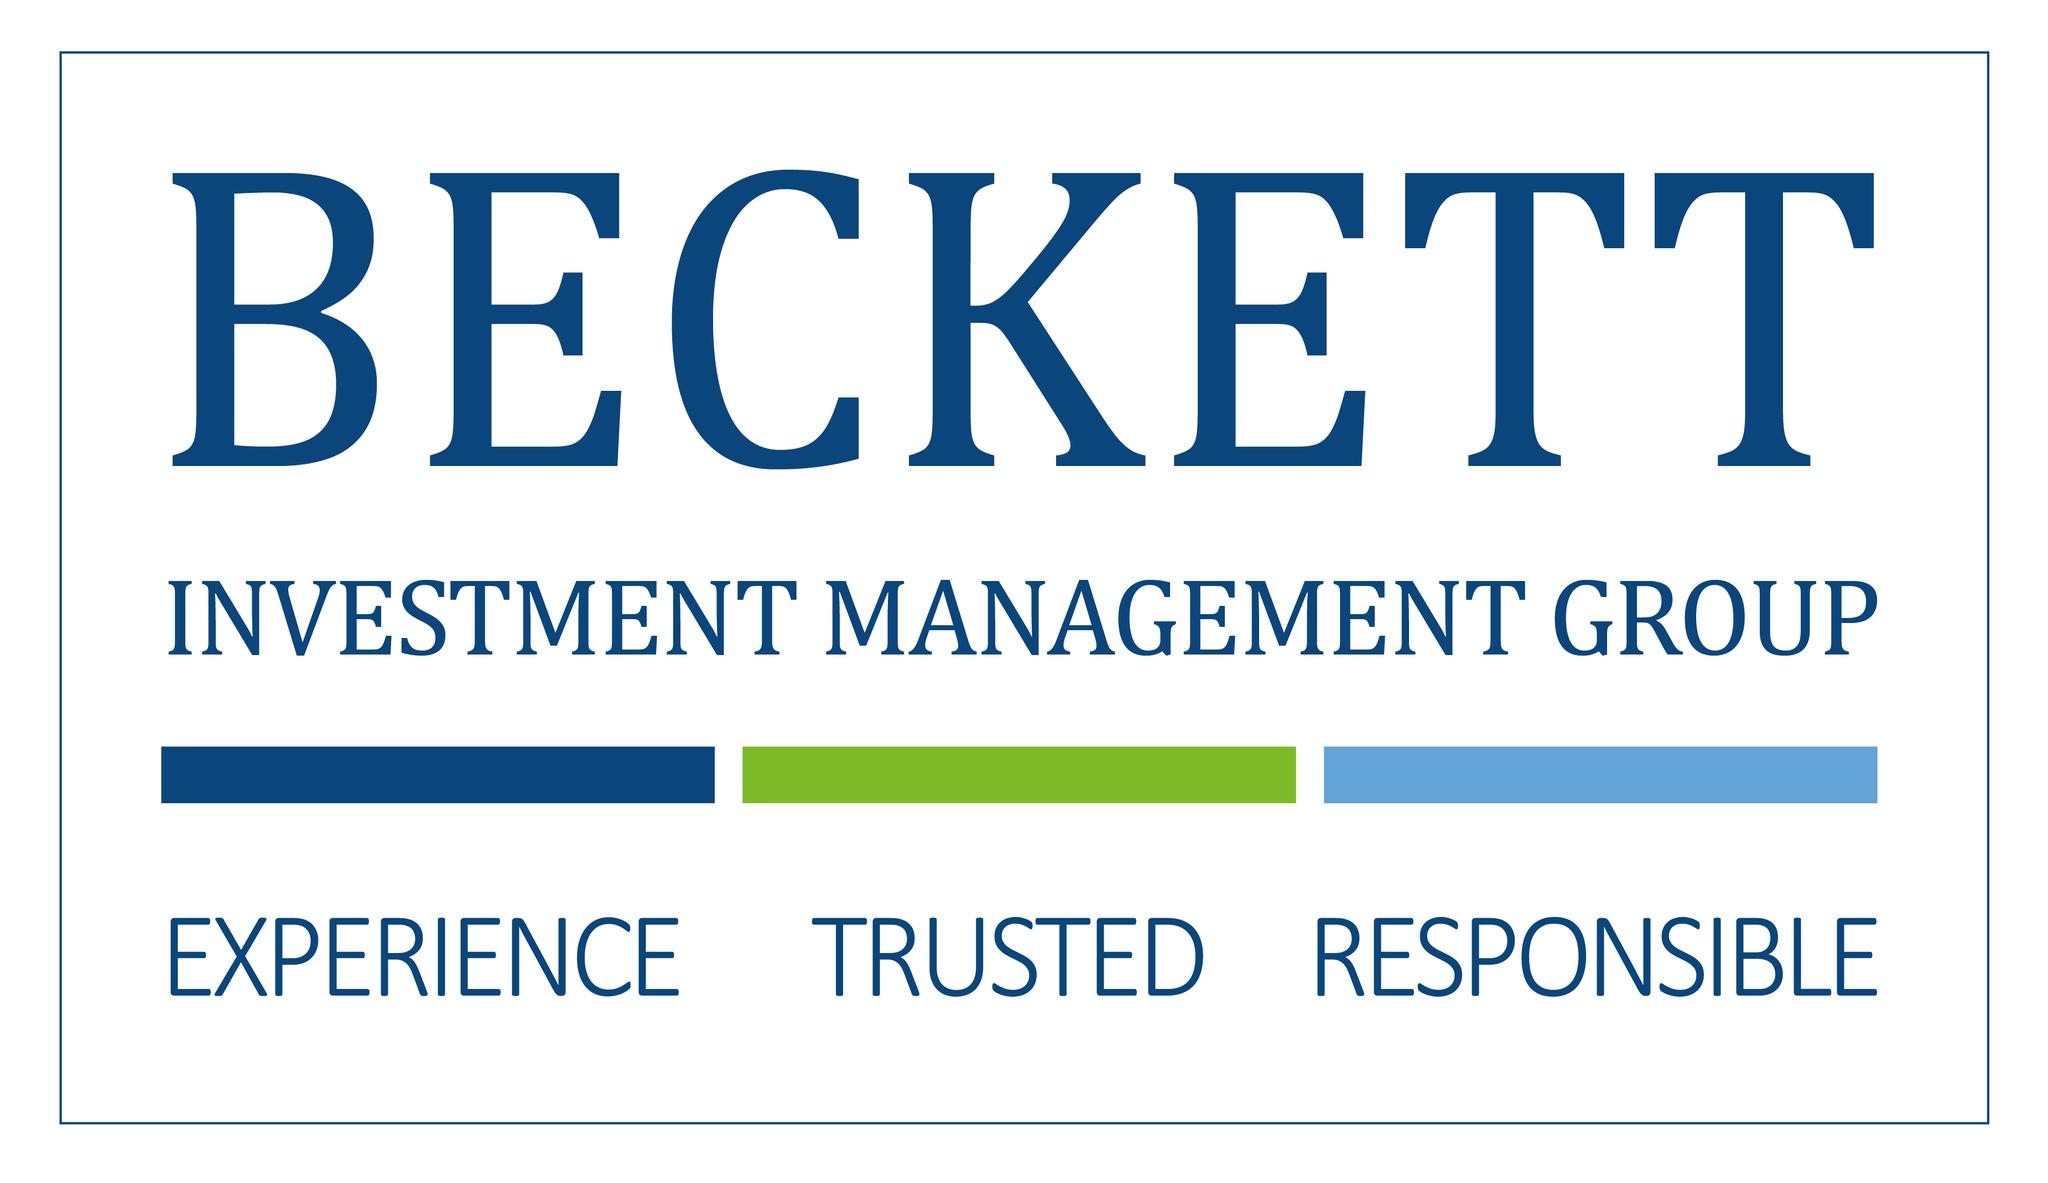 Beckett Investment Management Group